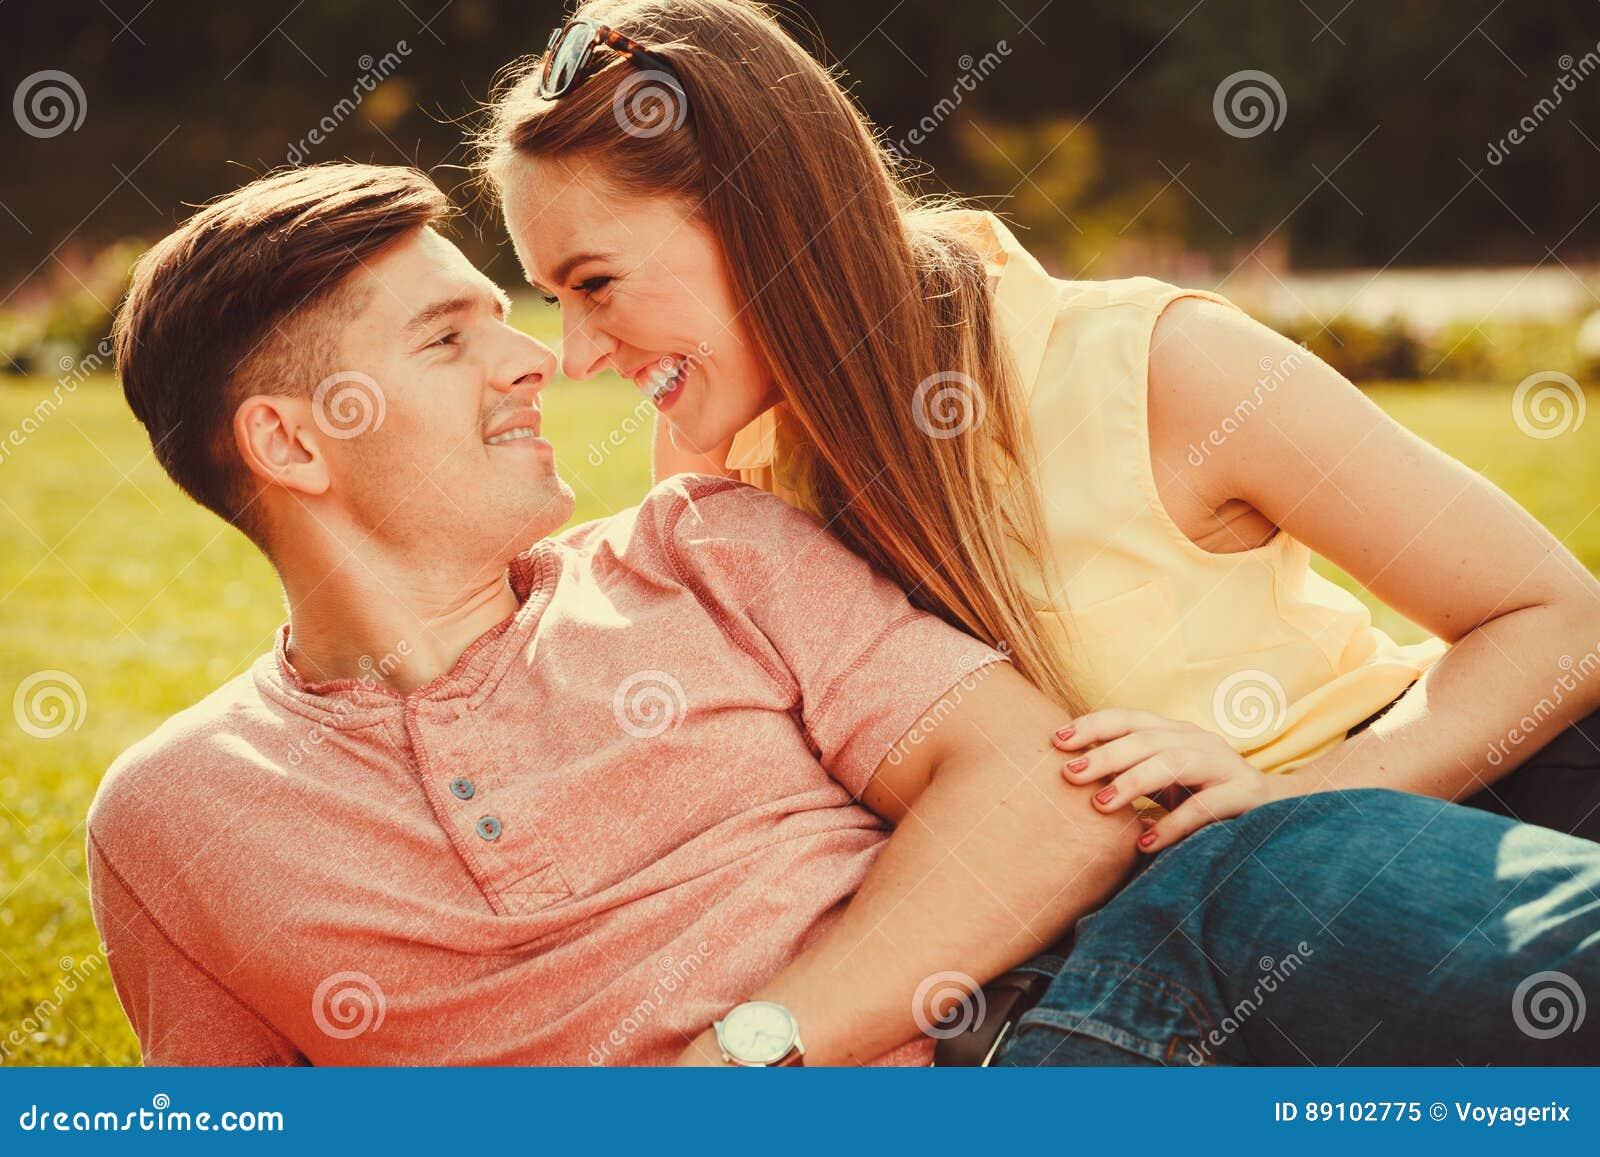 Ласковые пары на траве